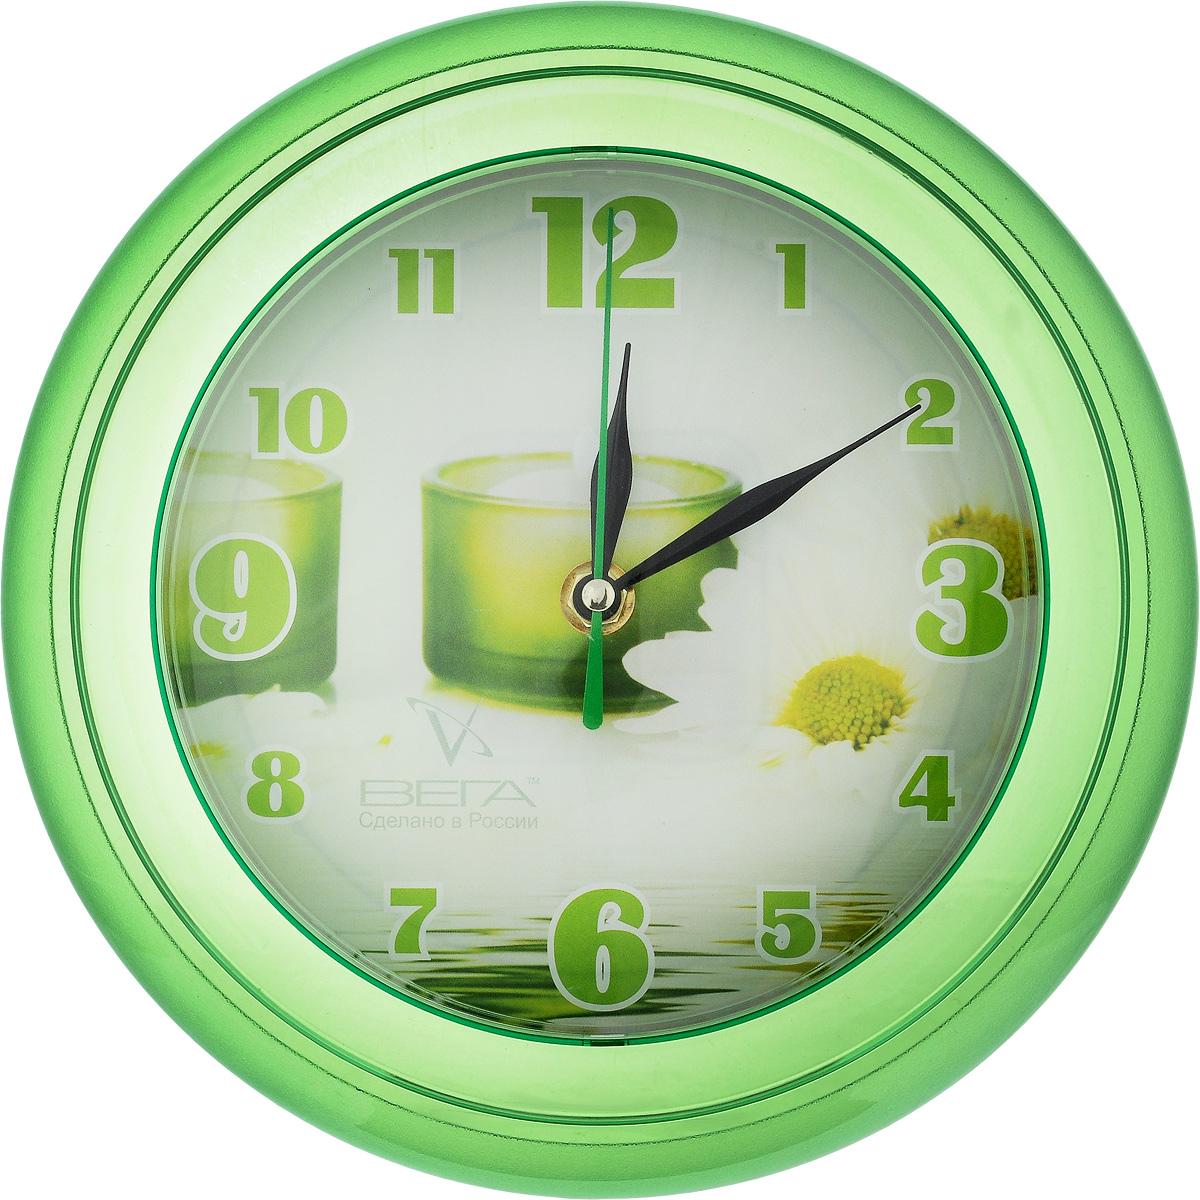 Часы настенные Вега Свеча зеленая, диаметр 22 смП6-3-10Настенные кварцевые часы Вега Свеча зеленая, изготовленные из пластика, прекрасно впишутся в интерьер вашего дома. Круглые часы имеют три стрелки: часовую, минутную и секундную, циферблат защищен прозрачным стеклом.Часы работают от 1 батарейки типа АА напряжением 1,5 В (не входит в комплект).Диаметр часов: 22 см.